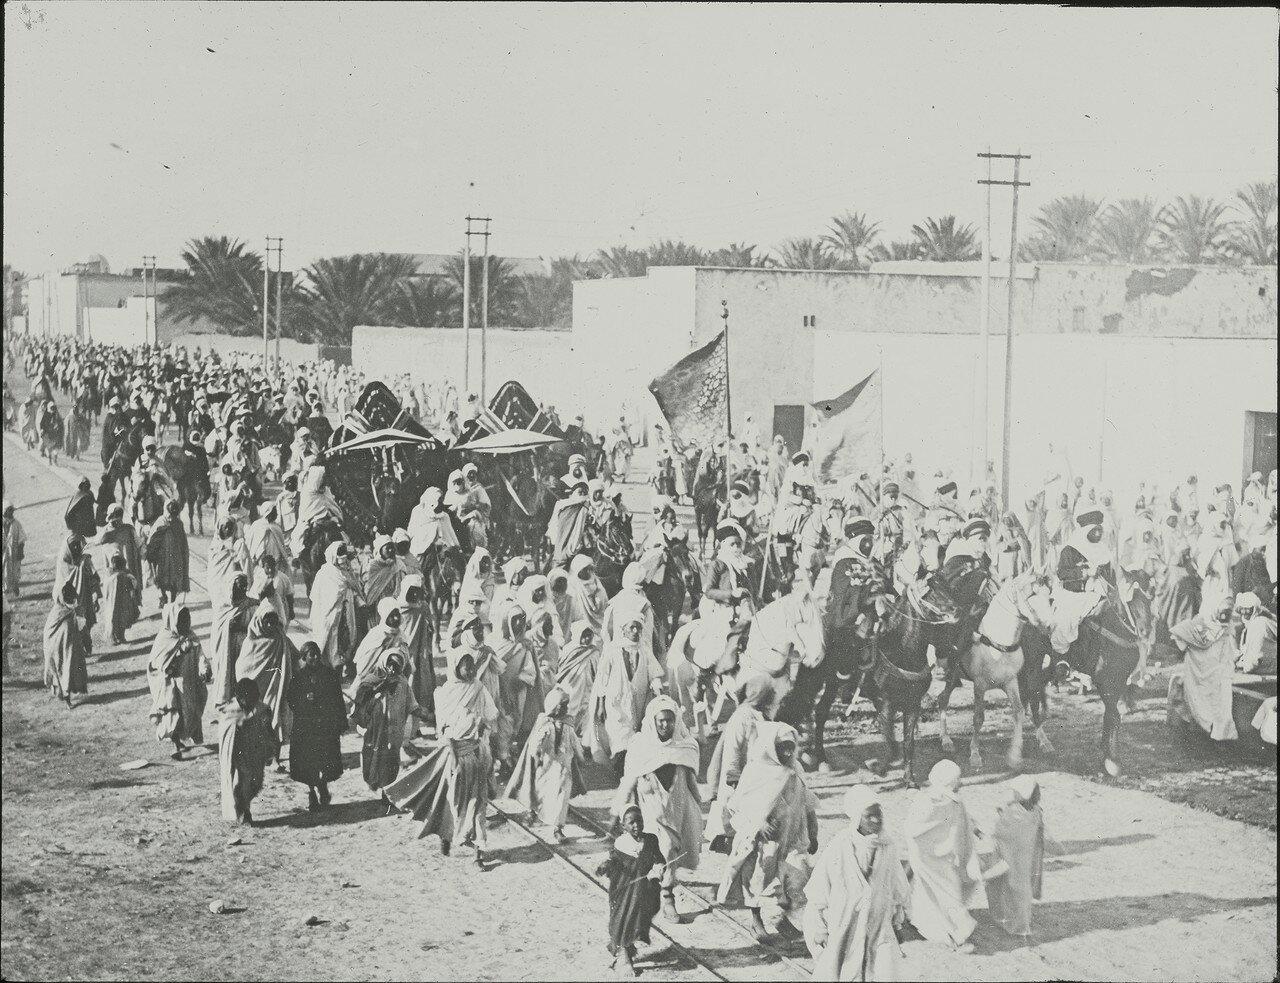 Паломники отправляются в Мекку, Алжир